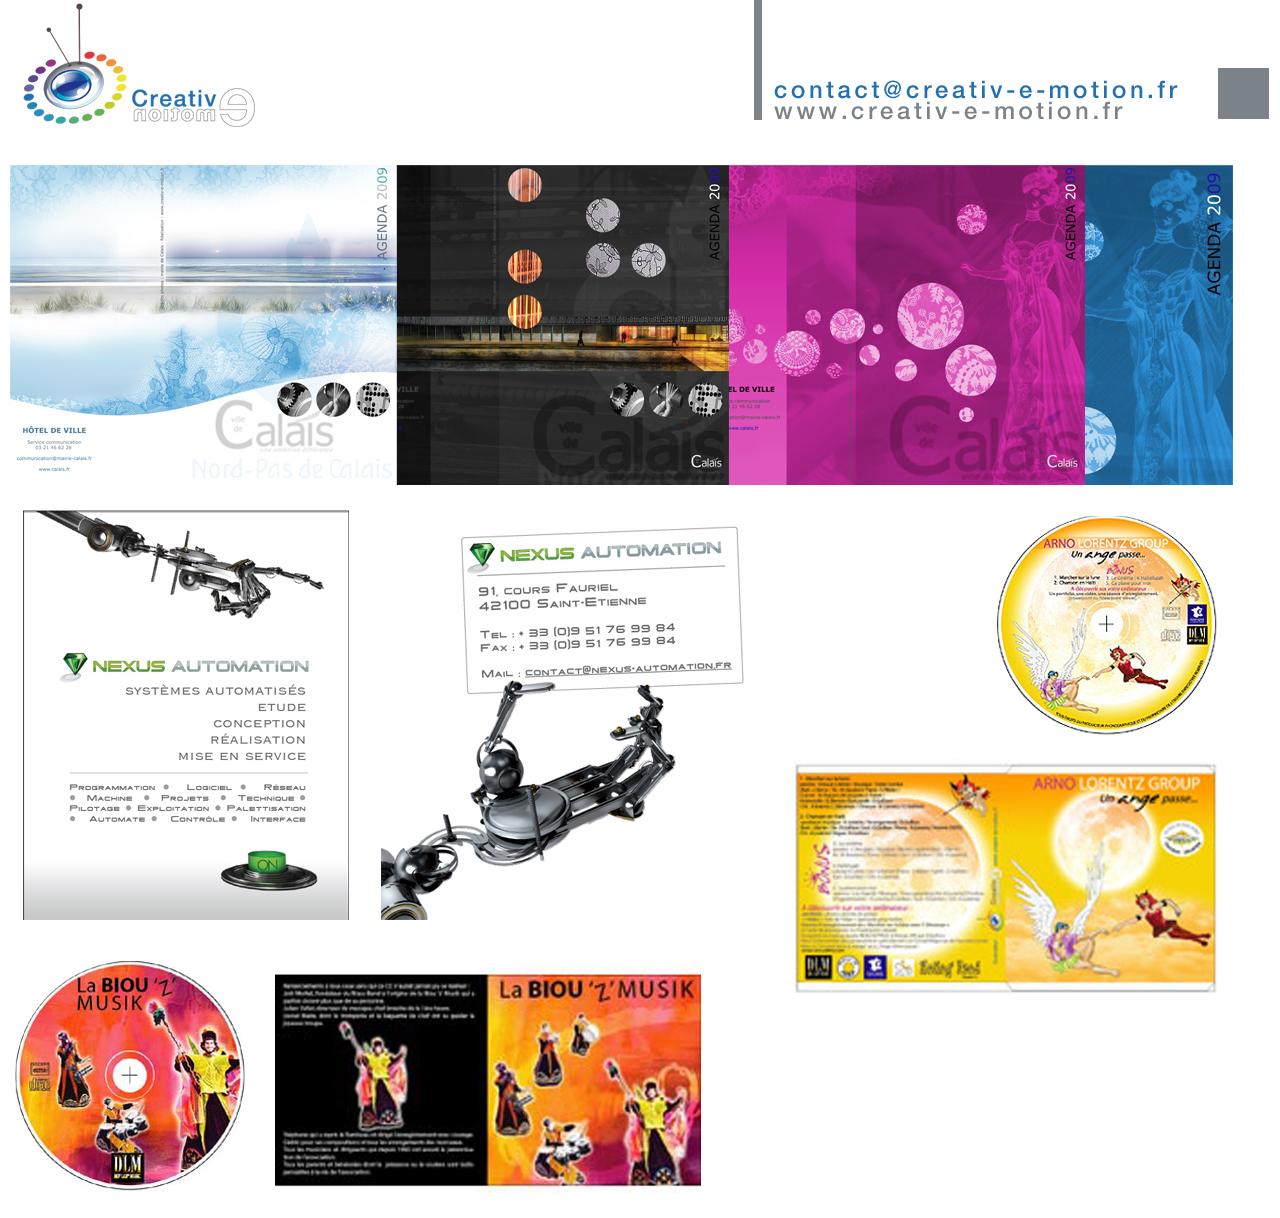 Plaquettes documents papier  Logotypes  Identité visuelle  agence web Webdesign Webdesigner communication creation site web design Lyon création rhône 69 graphisme identités visuelles logotypes plaquettes pochettes cd cartes de voeux graphiste portfolio book